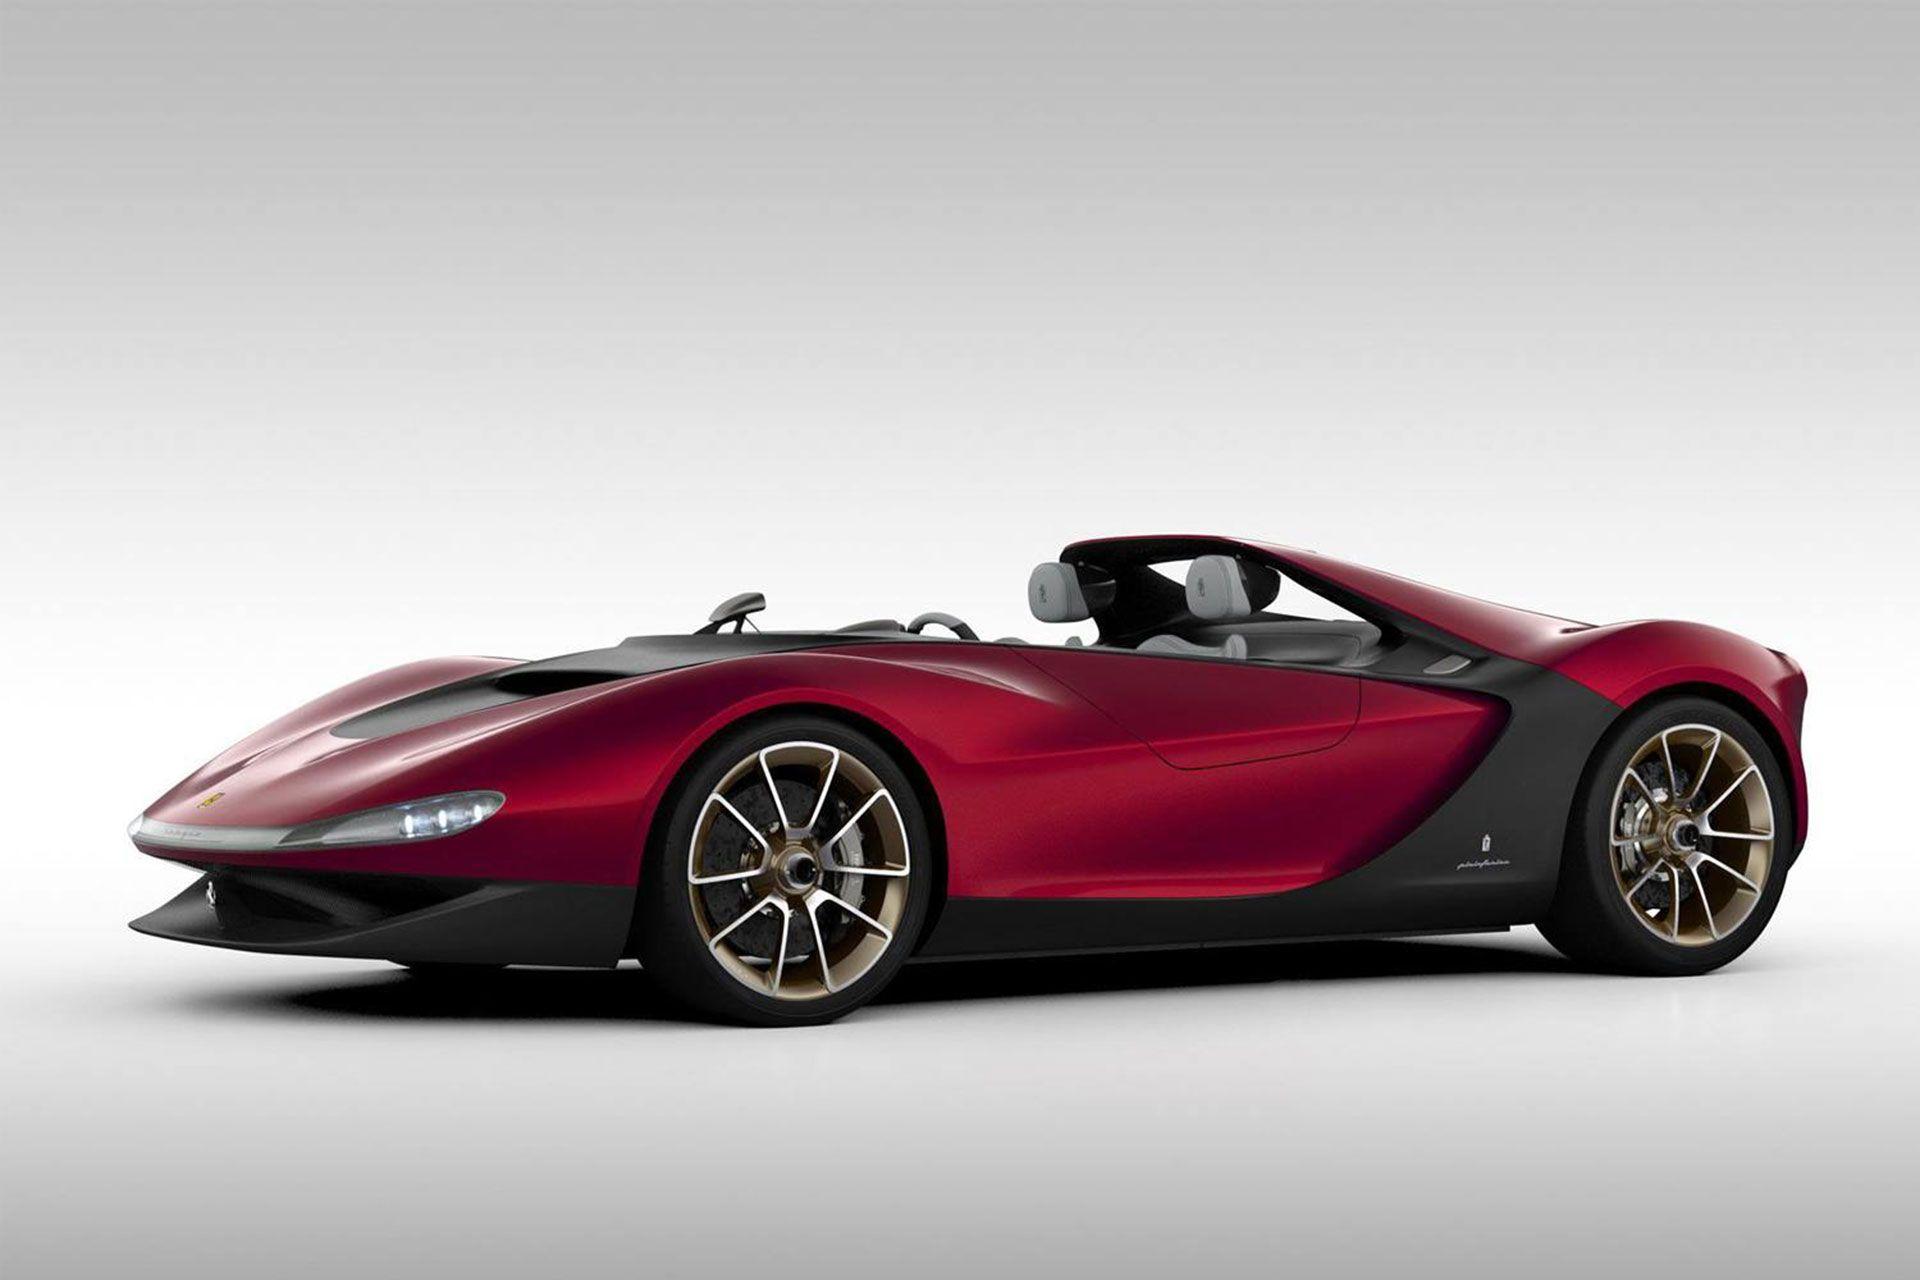 El ranking de los sueños cuáles son los 10 súper autos